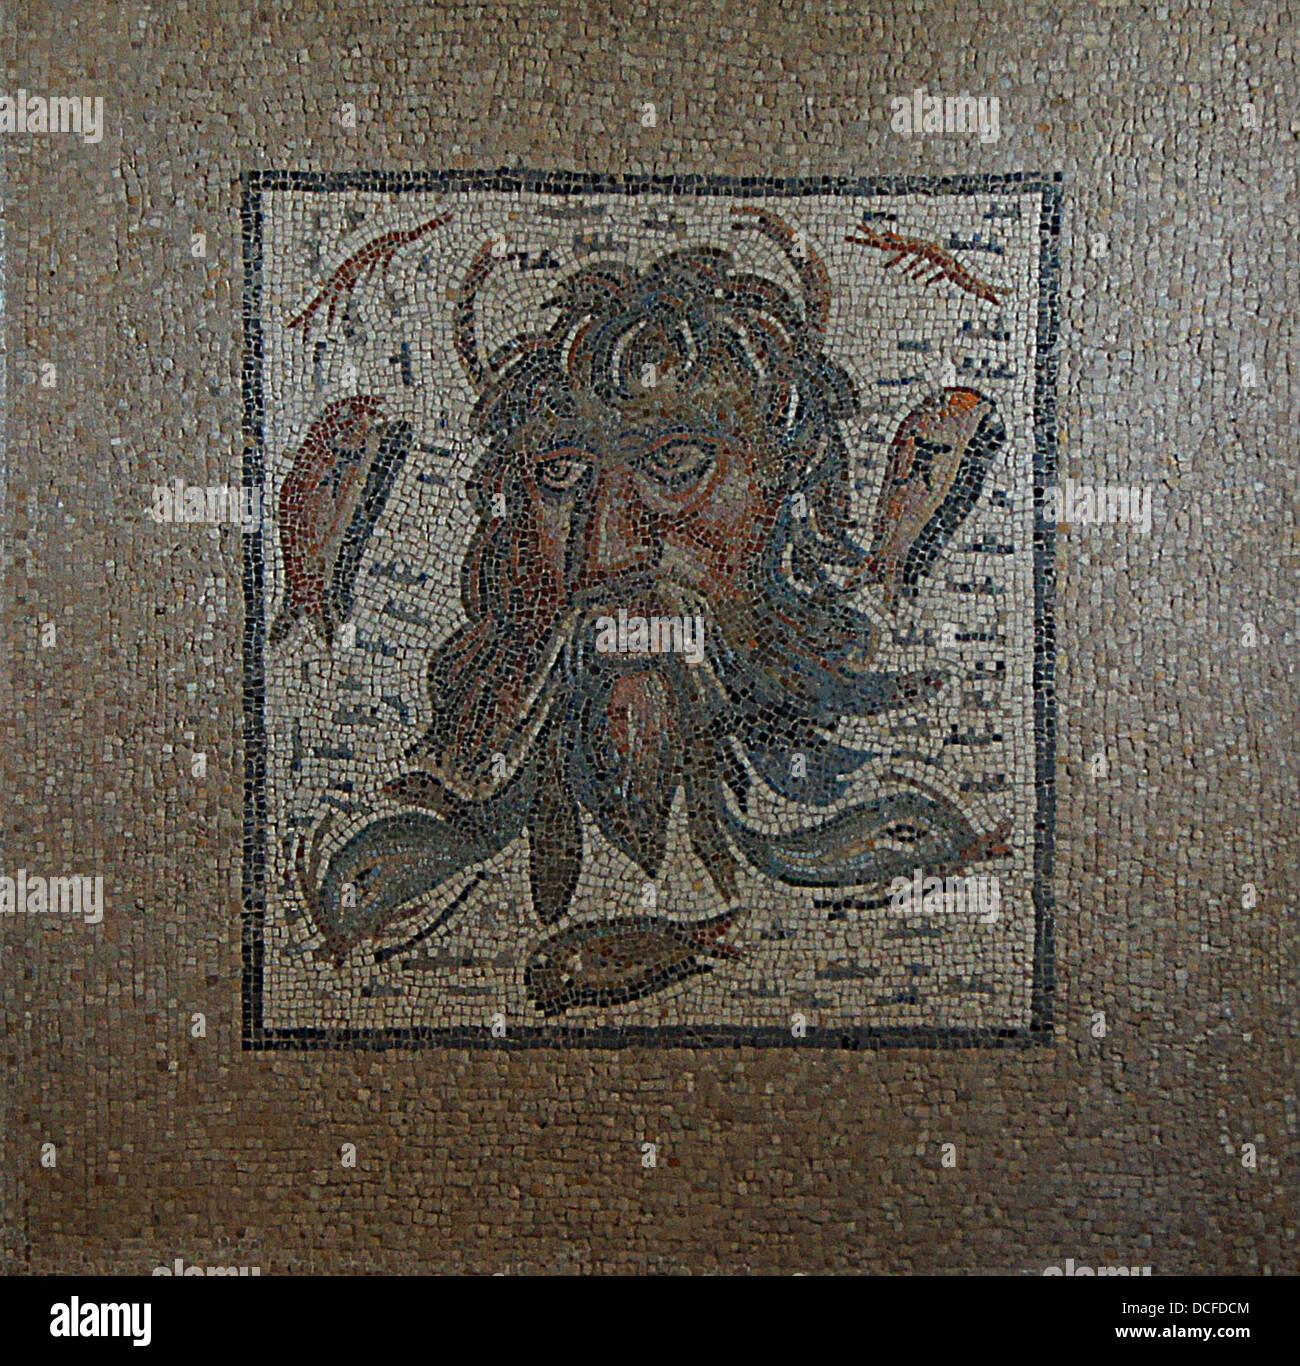 Mosaico di Okeanos, II III secolo D.C., scavato nel 1959. Alcazar de los Reyes Cristianos, Cordoba, Spagna Immagini Stock